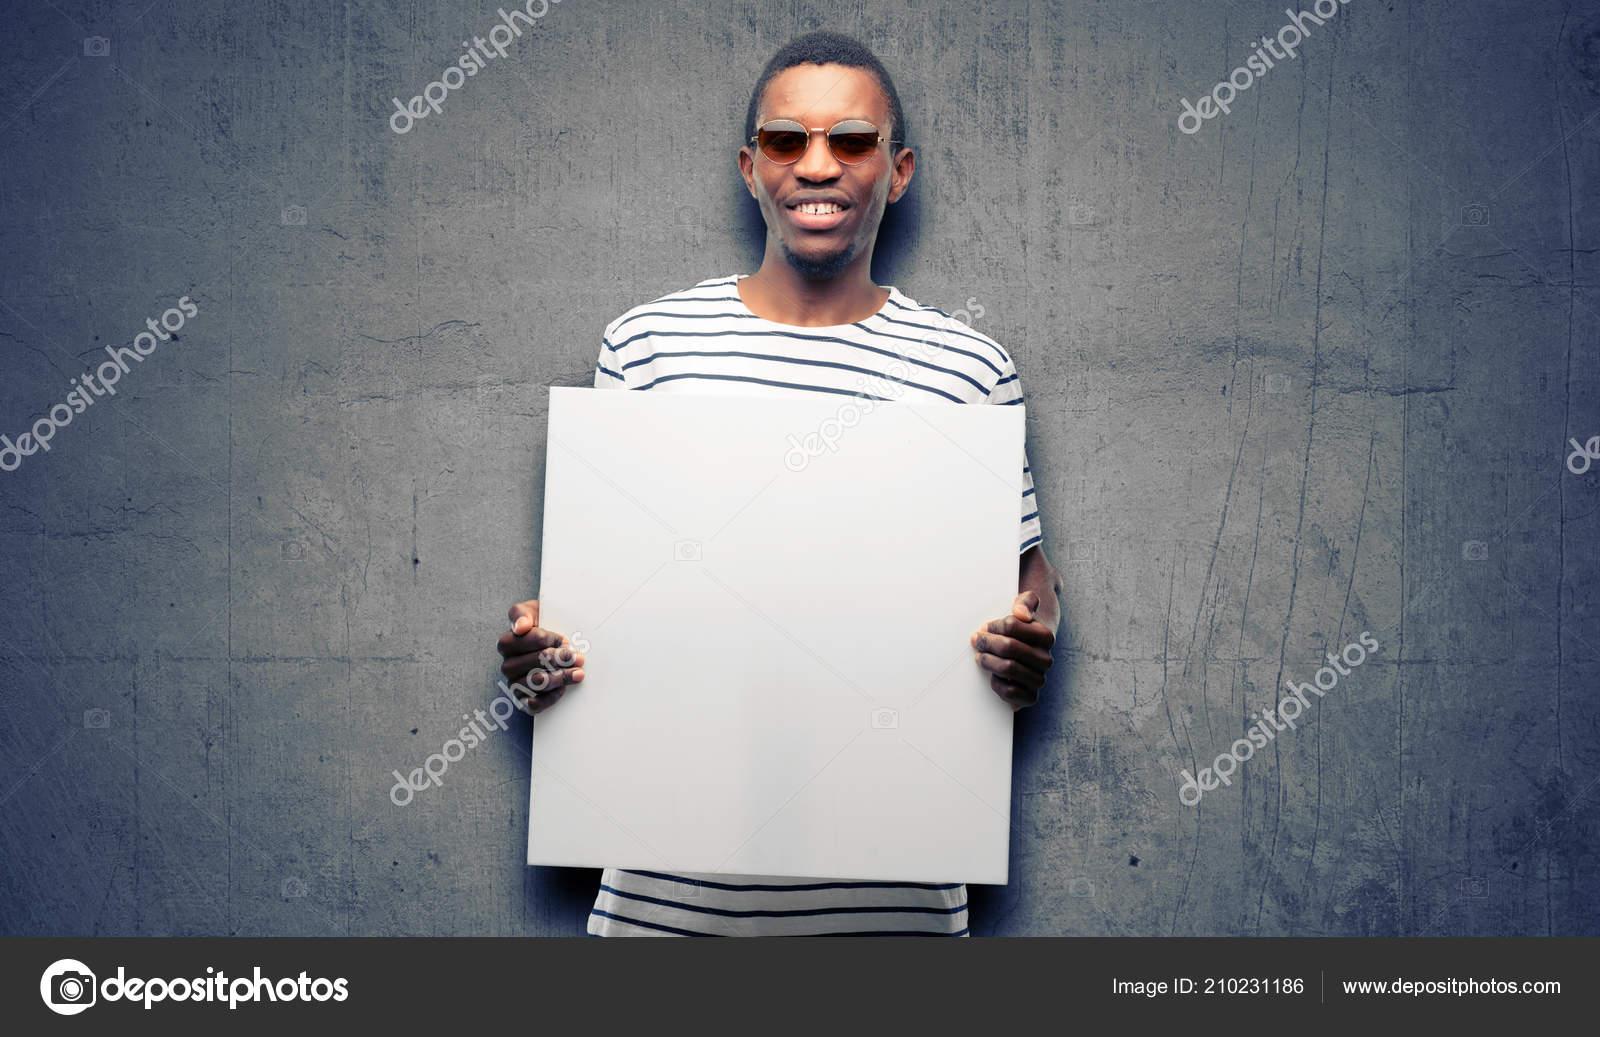 c8e53351a3b3d Homem negro africano de óculos segurando o banner de publicidade em branco,  bom cartaz de anúncio, oferta ou anúncio, outdoor de papel grande —  Fotografia ...